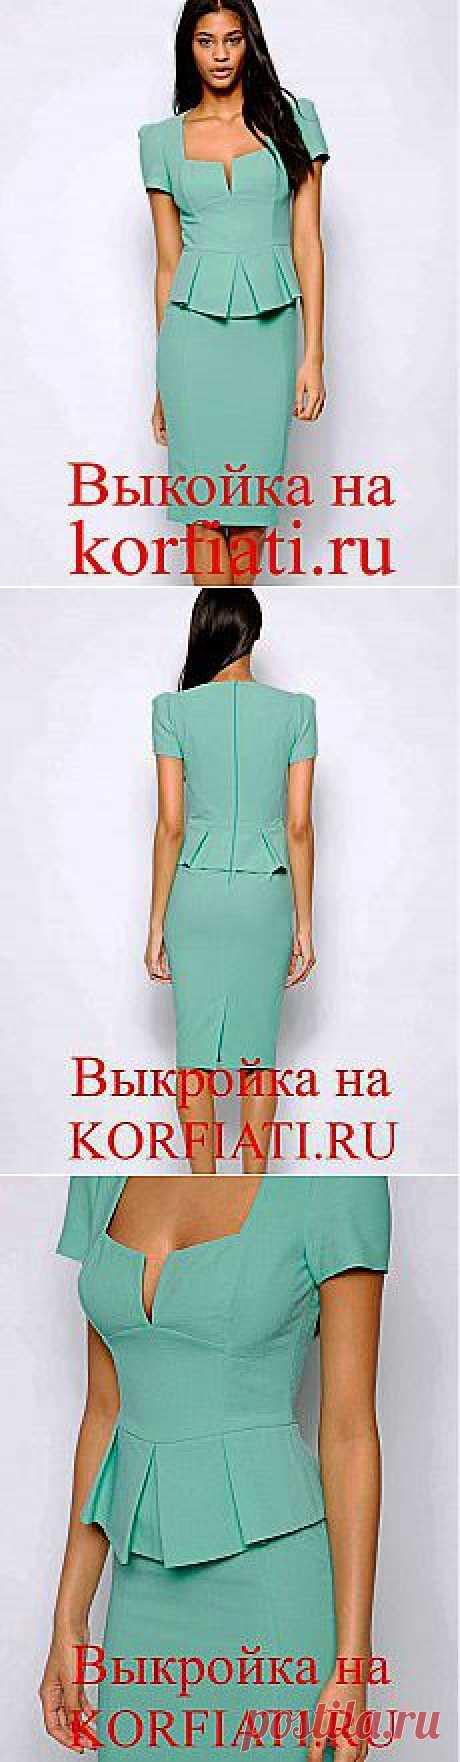 Выкройки платьев своими руками - от ШКОЛЫ ШИТЬЯ Анастасии Корфиати